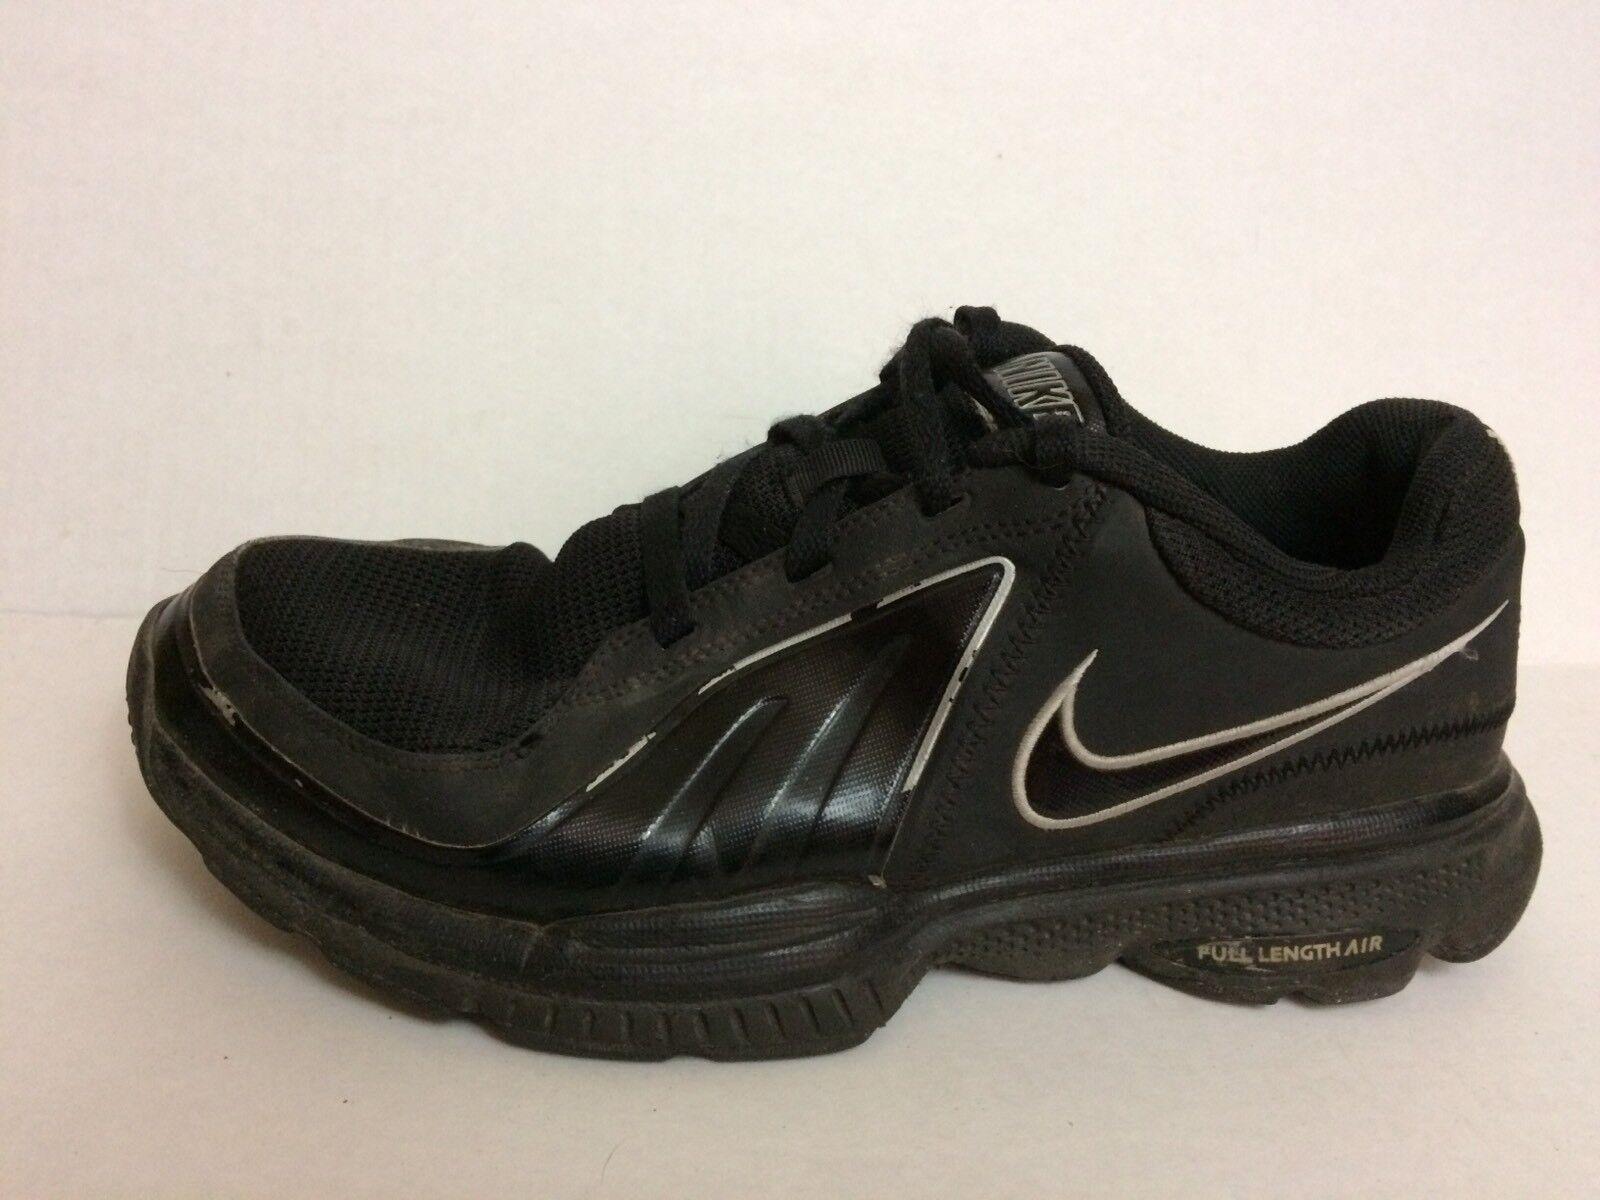 Nike Air Edge Essential Hombre 10 Run m athletic training Zapatos Negro Run 10 324879-001 el mas popular de zapatos para hombres y mujeres cd6cff